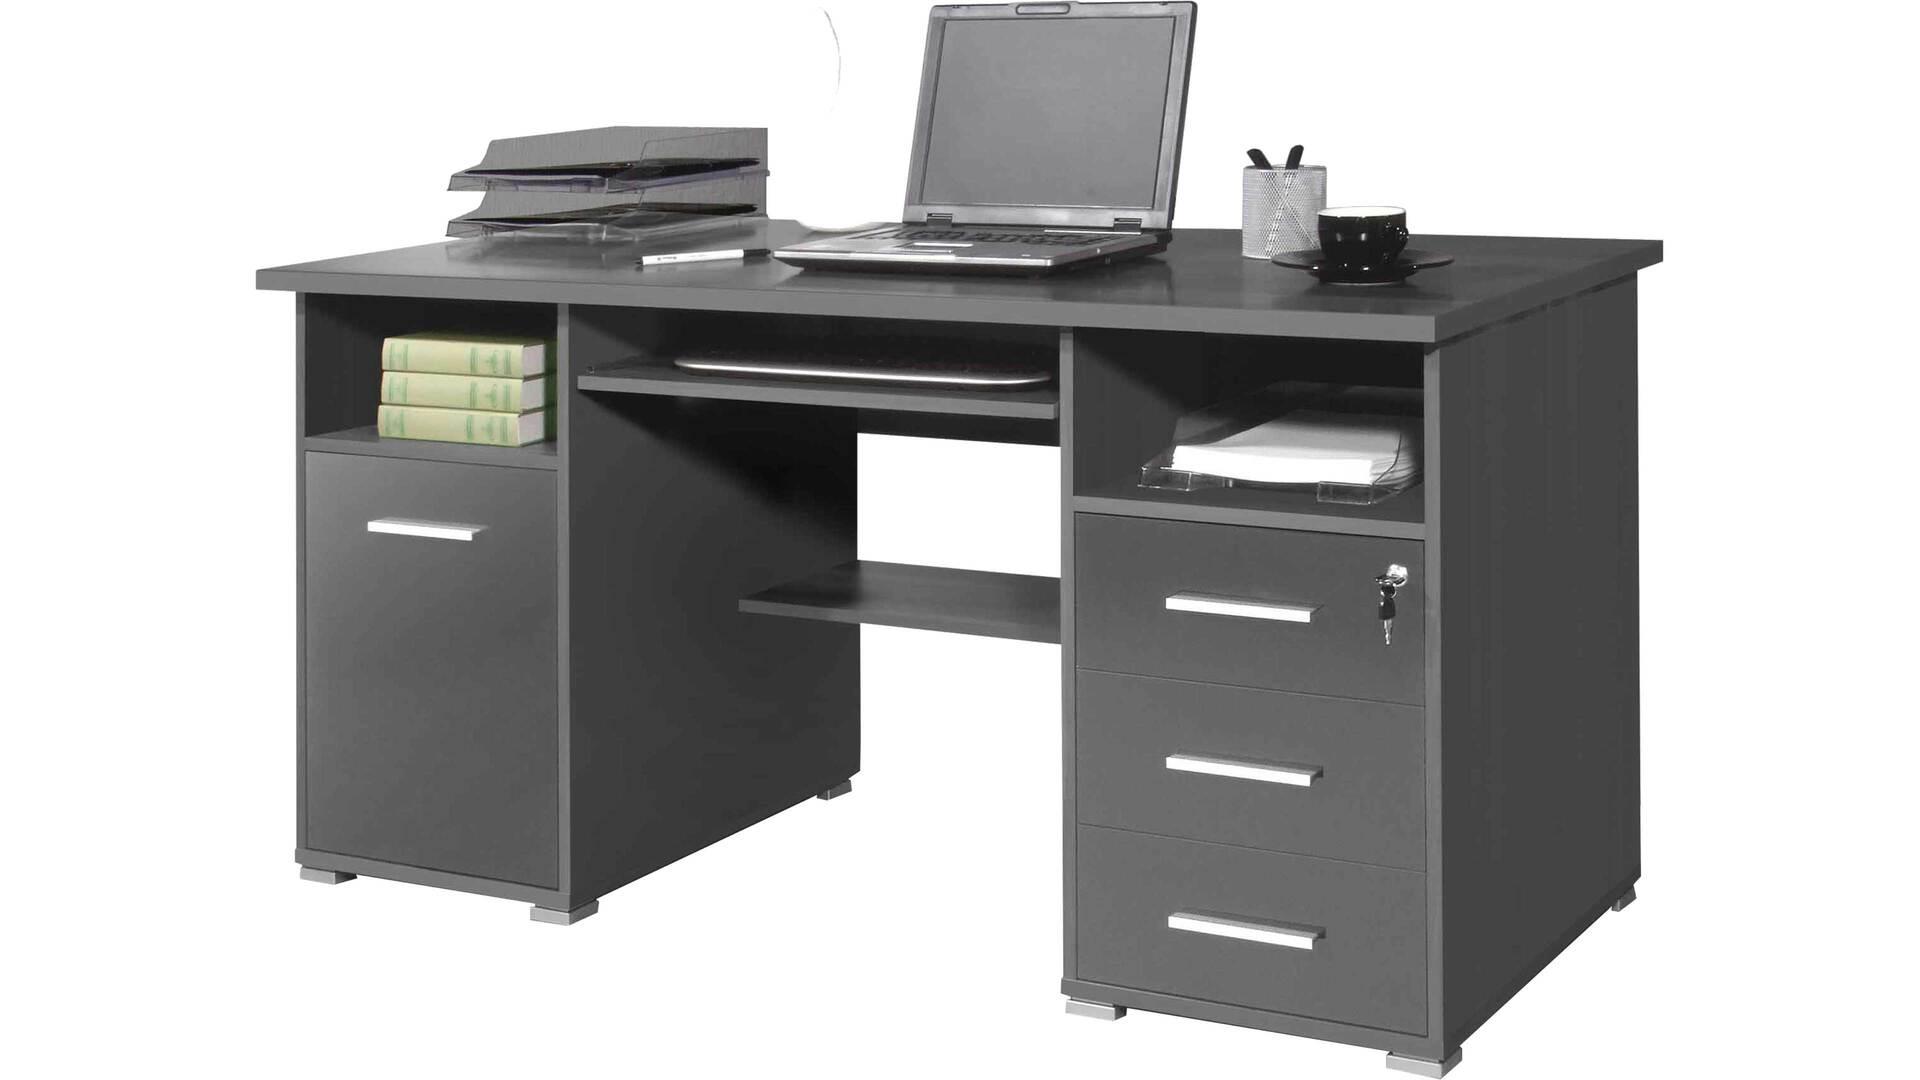 Schreibtisch, der die Büro Einrichtung perfekt ergänzt